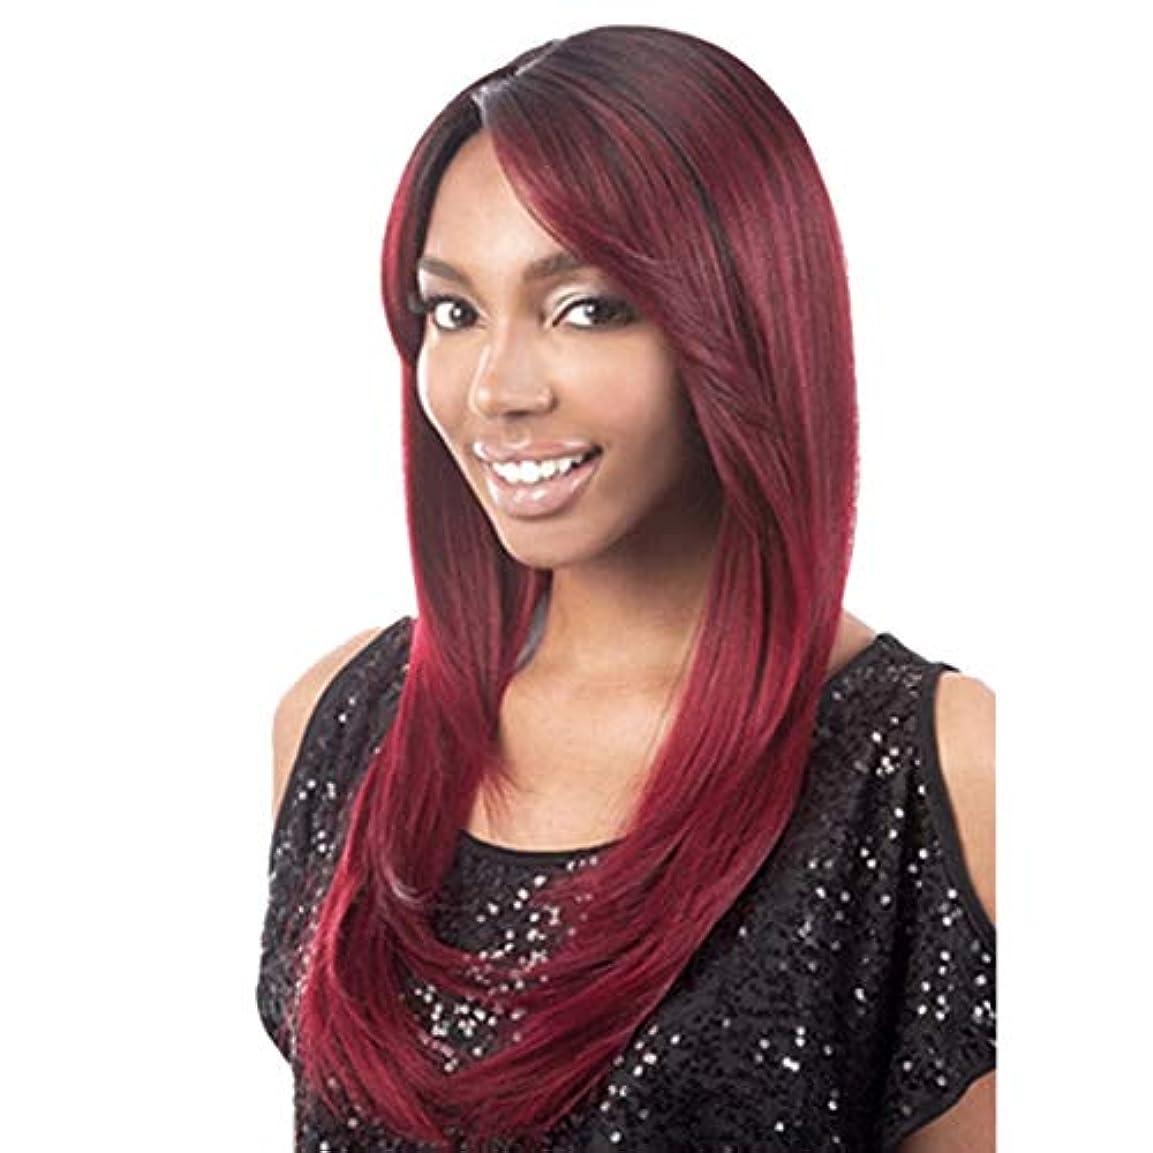 マリンナプキン暴動Summerys 女性の半分手のための赤い側部分長い自然なストレート耐熱合成毛の交換かつら